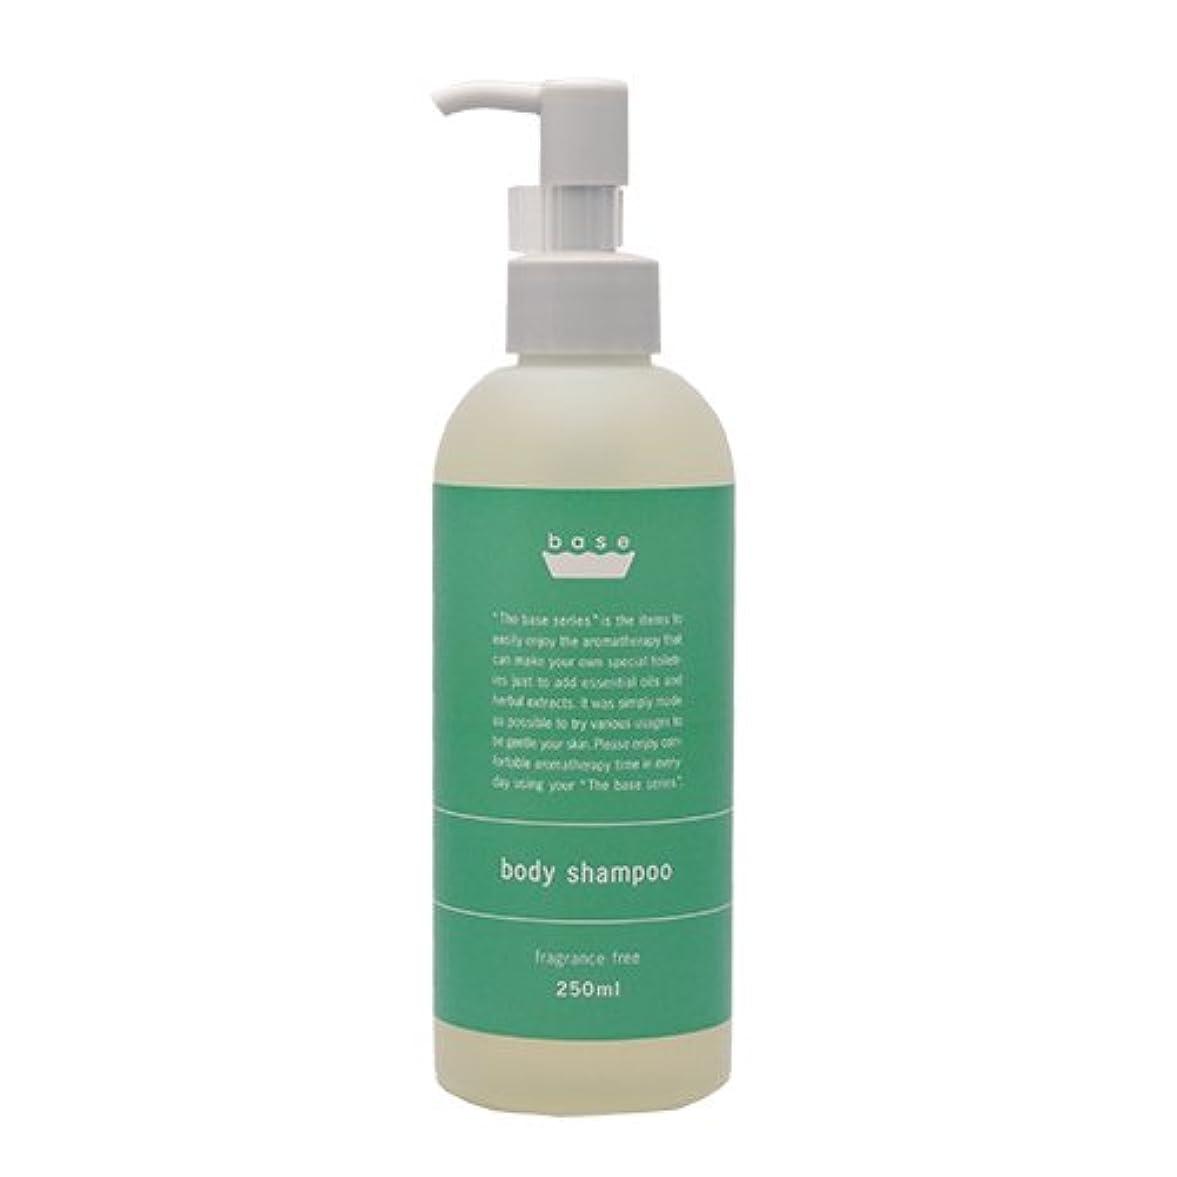 こしょう永久に破壊するフレーバーライフ(Flavor Life) フレーバーライフ base body shampoo(ボディーシャンプー)250ml ボディソープ